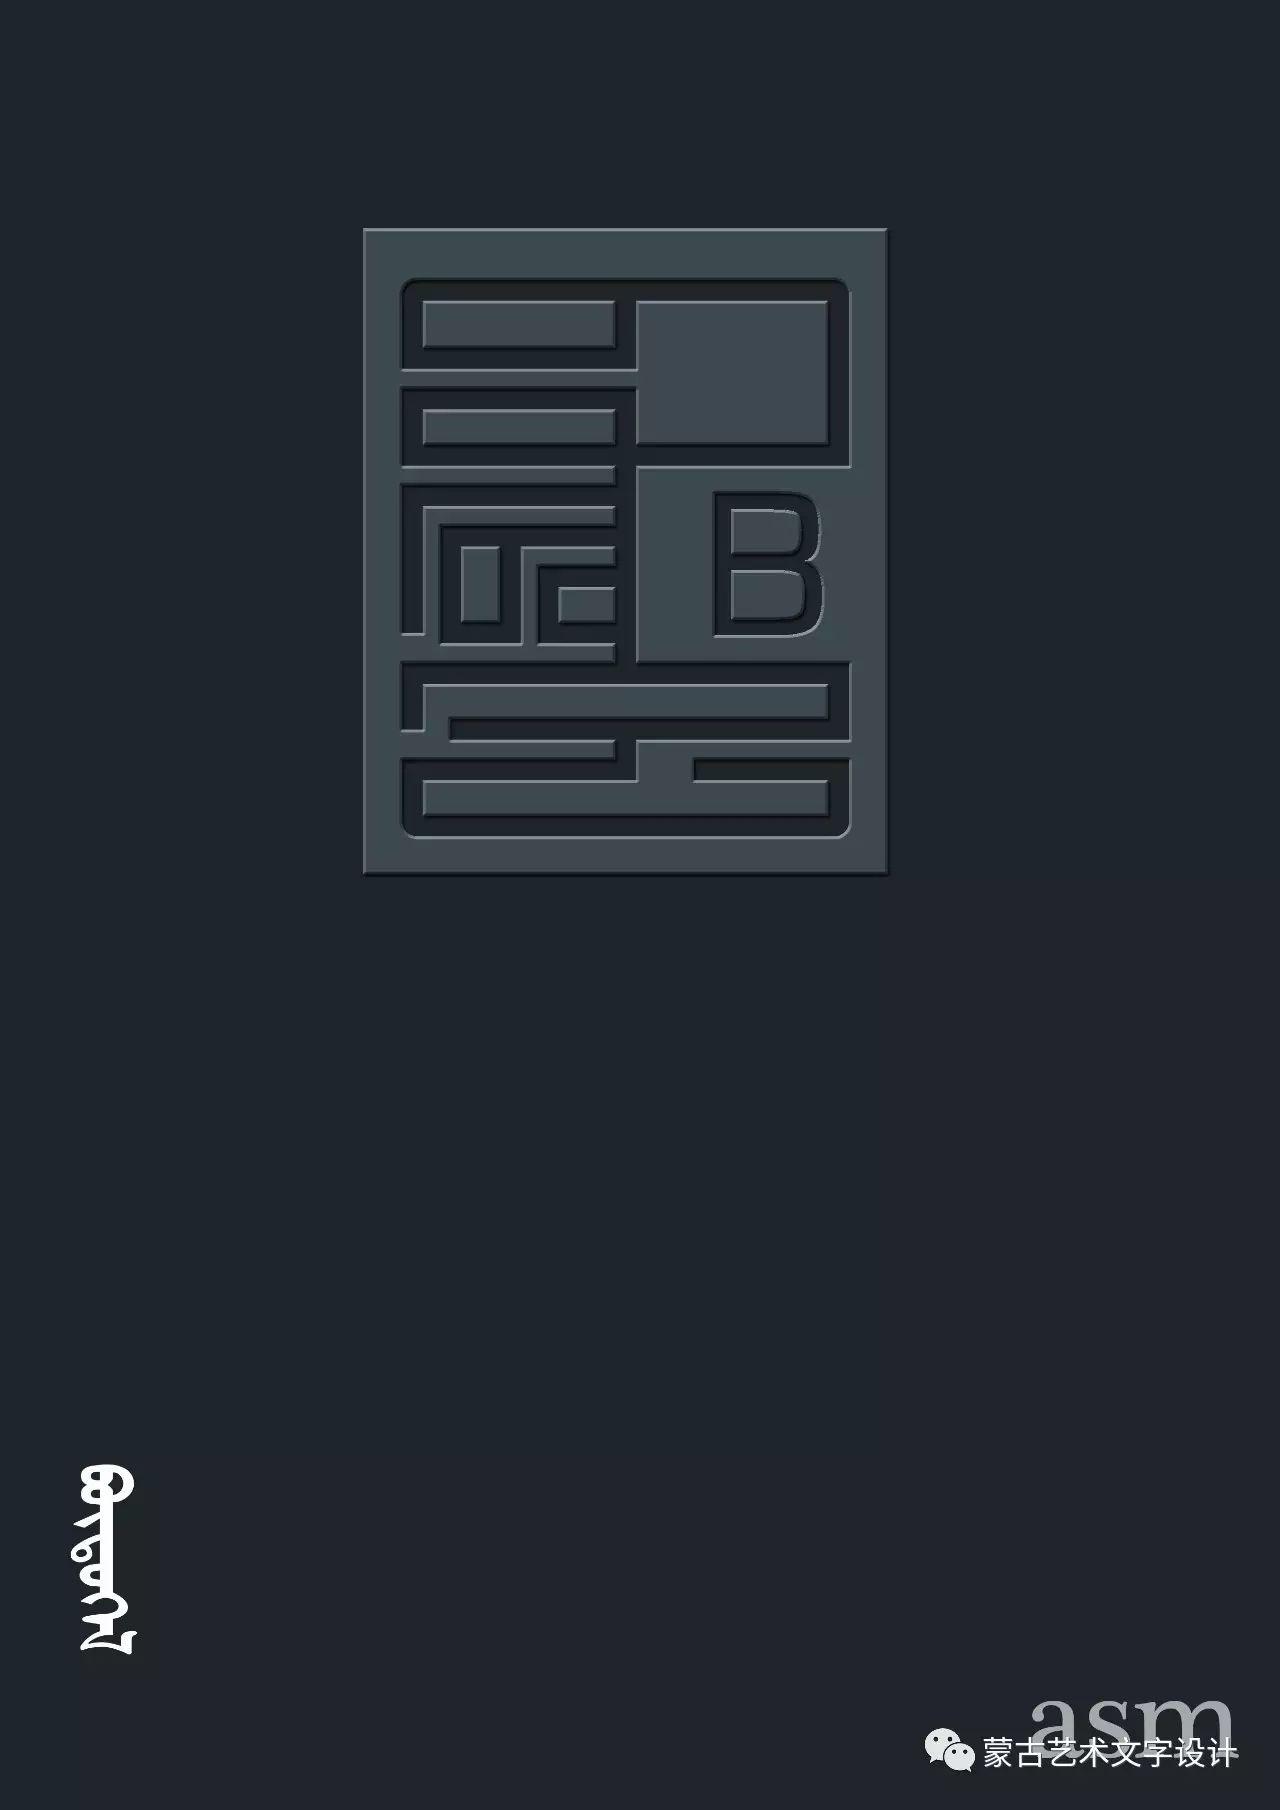 蒙古艺术文字设计 第35张